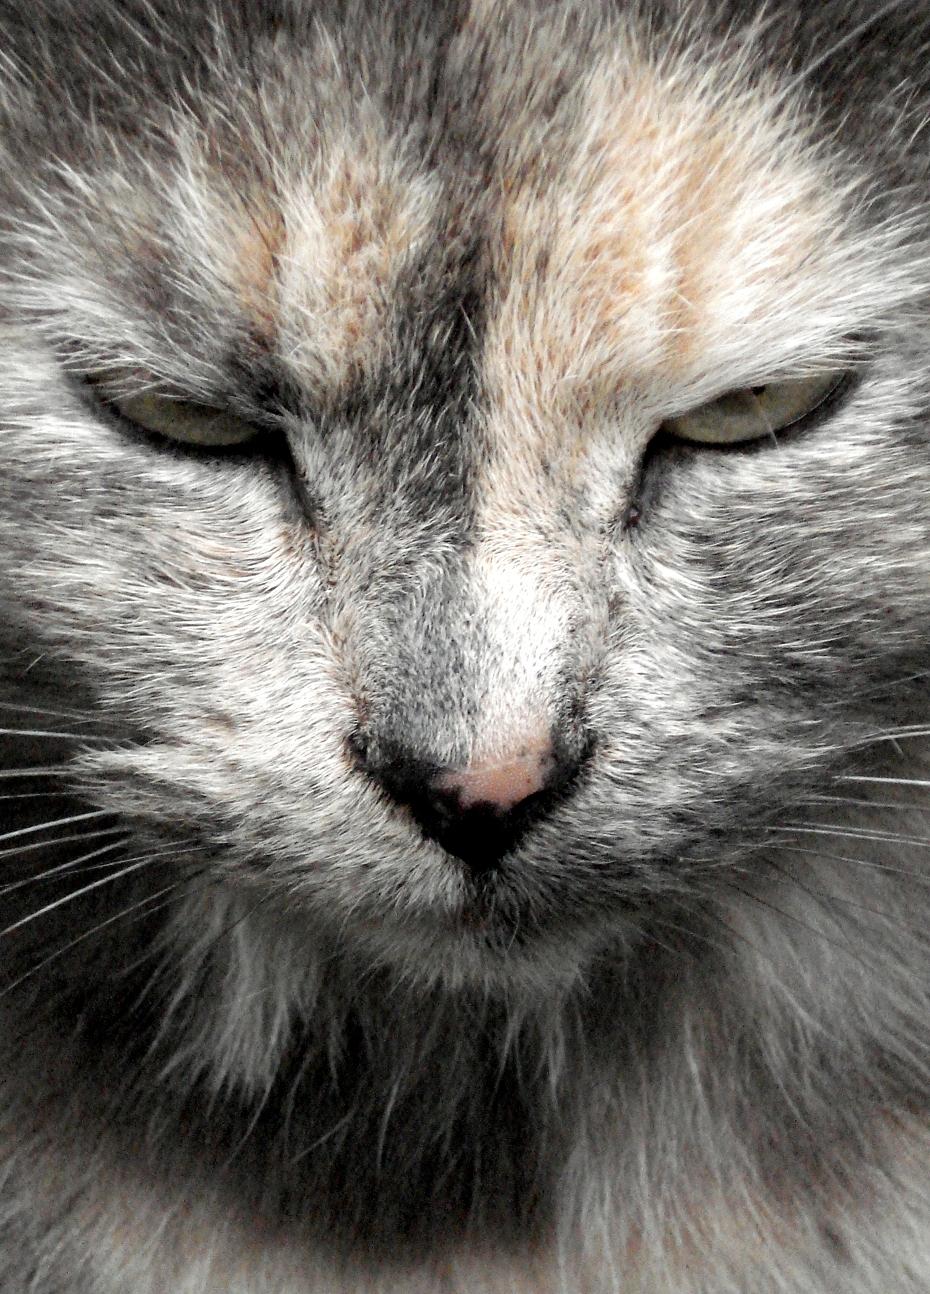 Portrait de chat tricolore 01 03 07